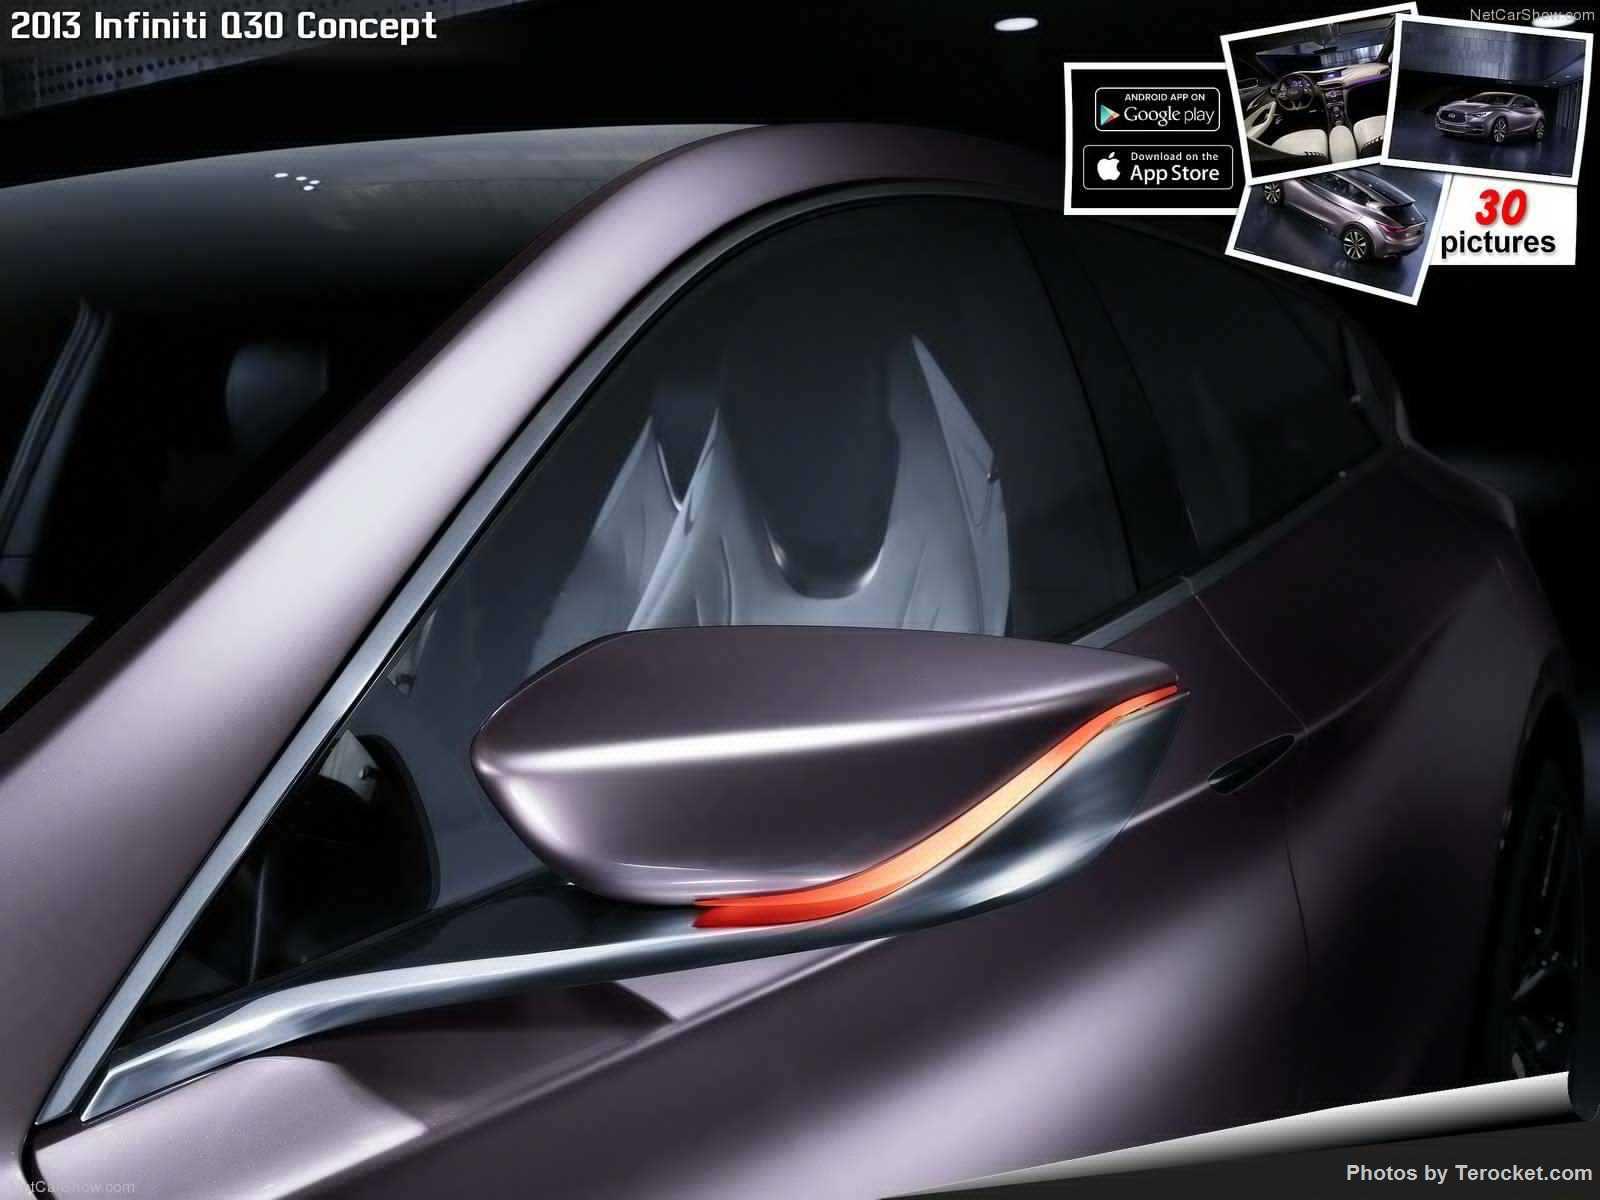 Hình ảnh xe ô tô Infiniti Q30 Concept 2013 & nội ngoại thất